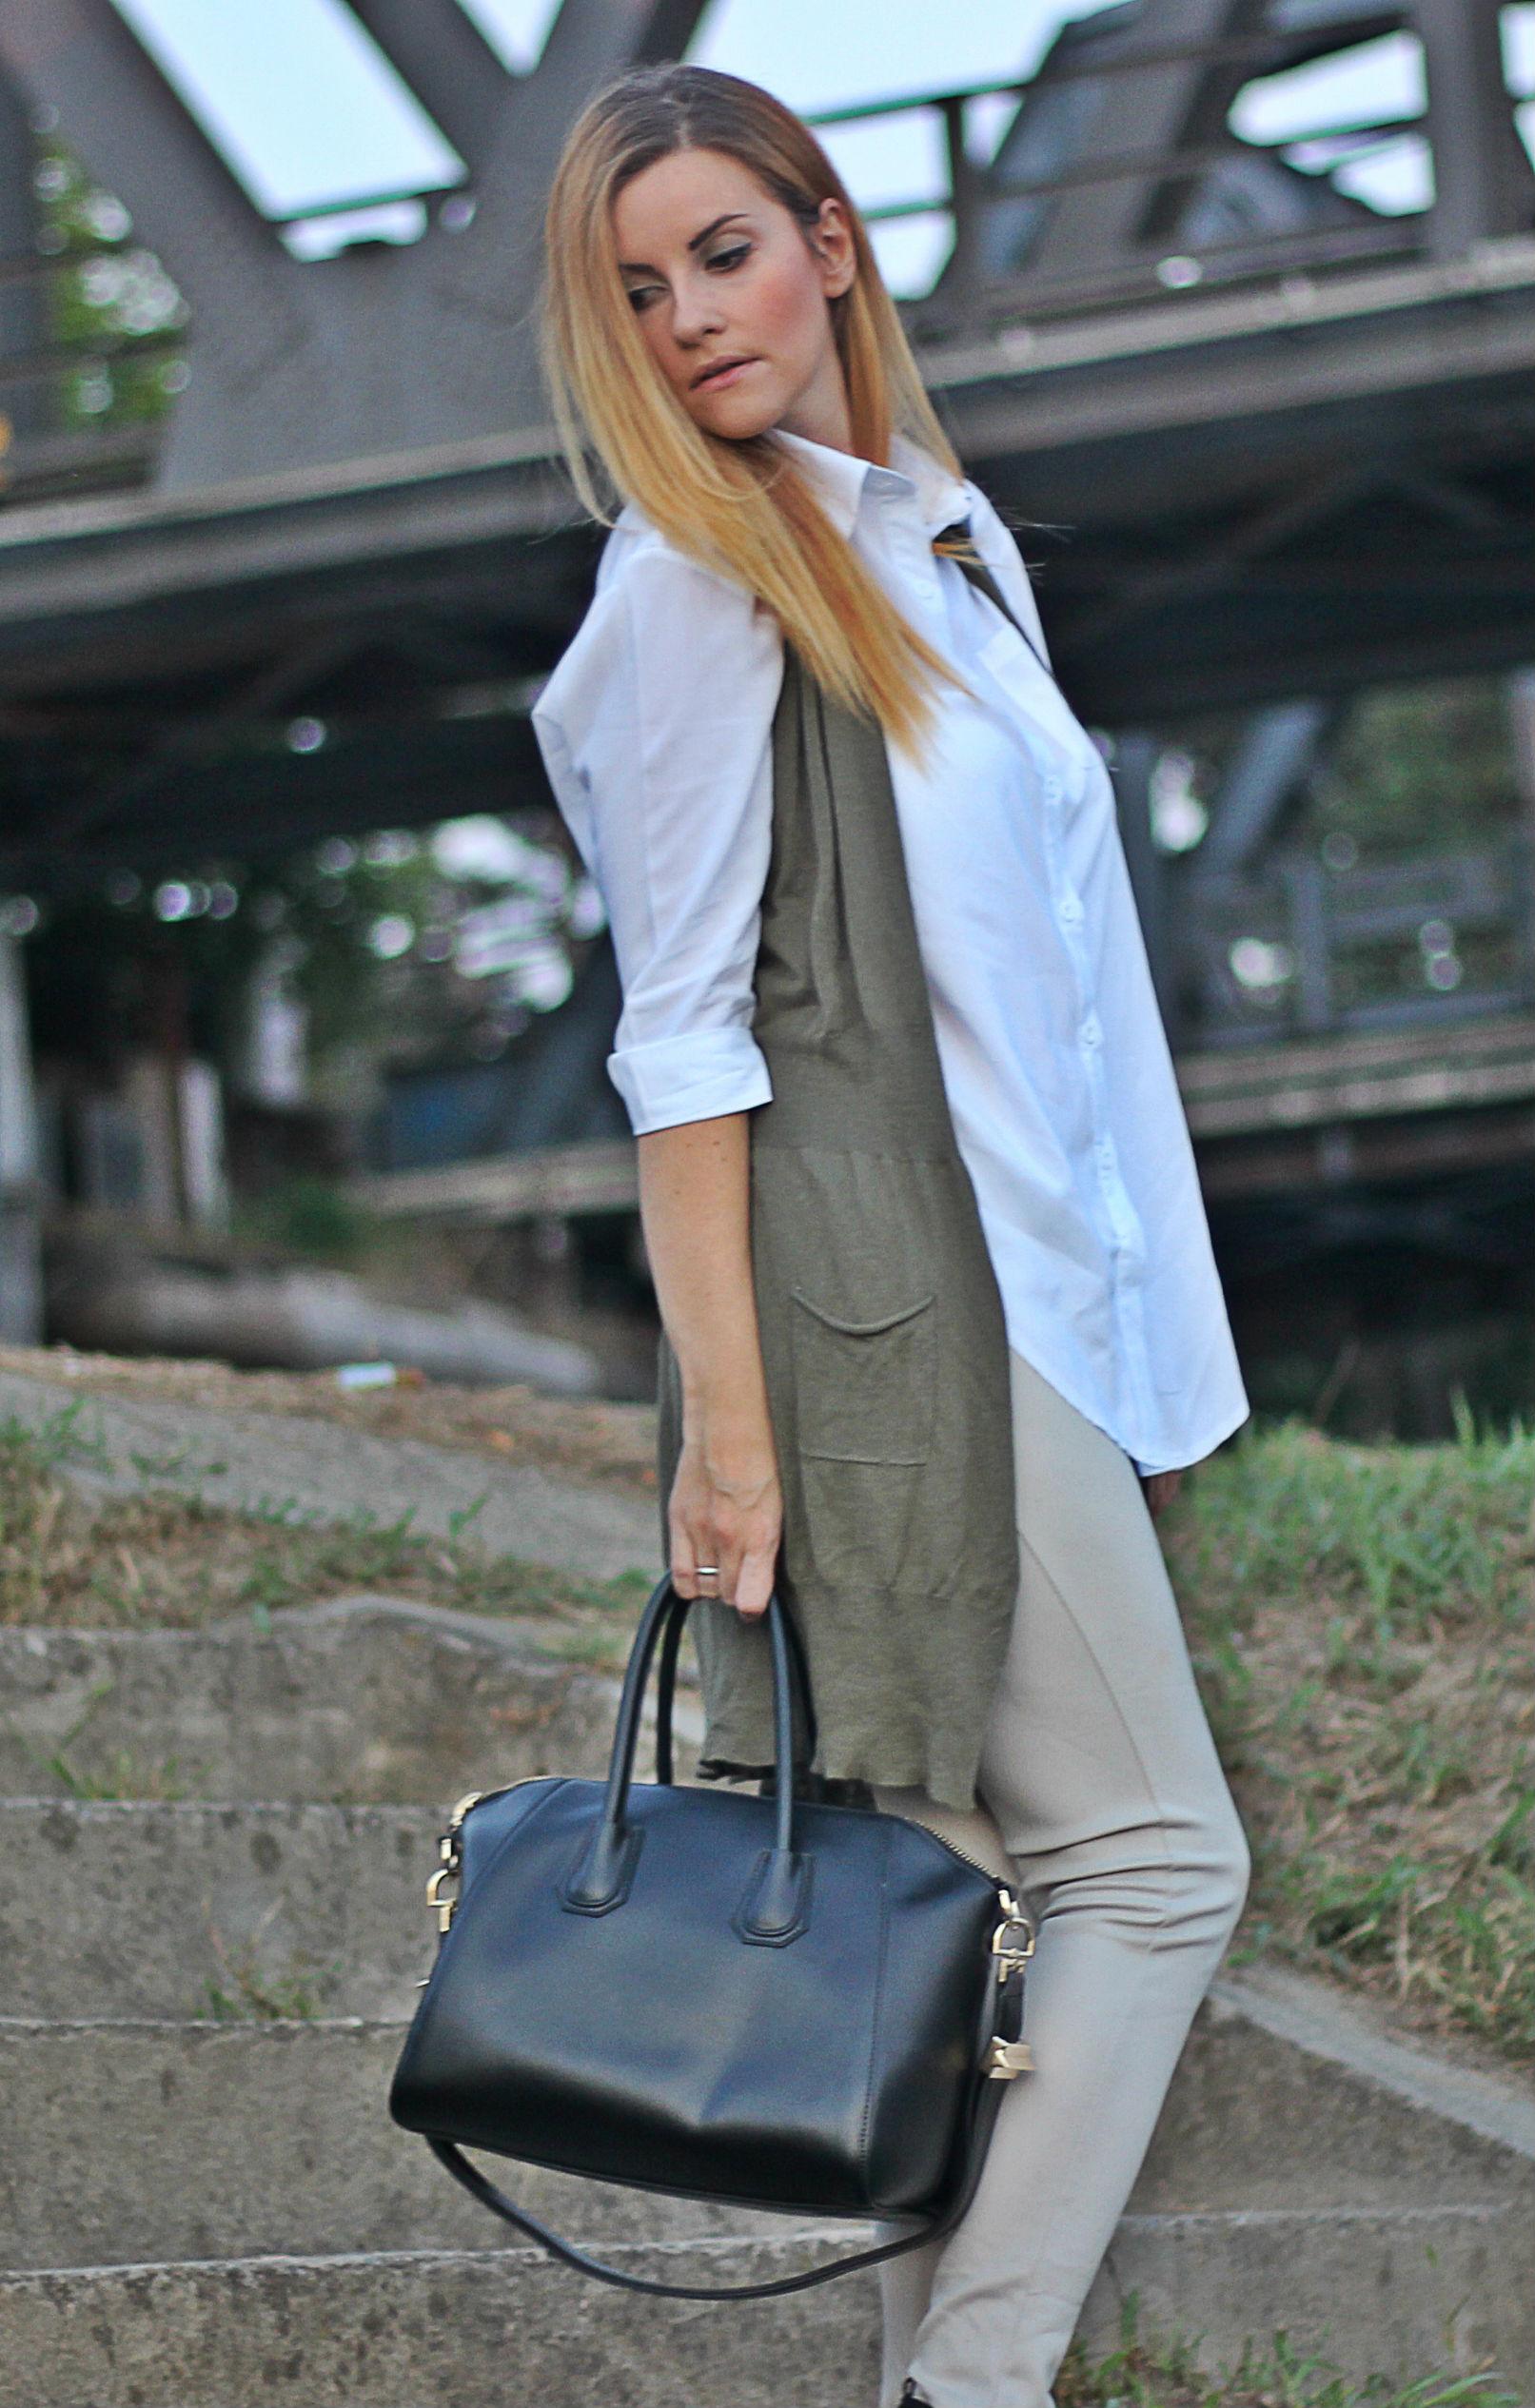 elisabetta bertolini look abbigliamento donnna camicia bianca fashion blogger italiana